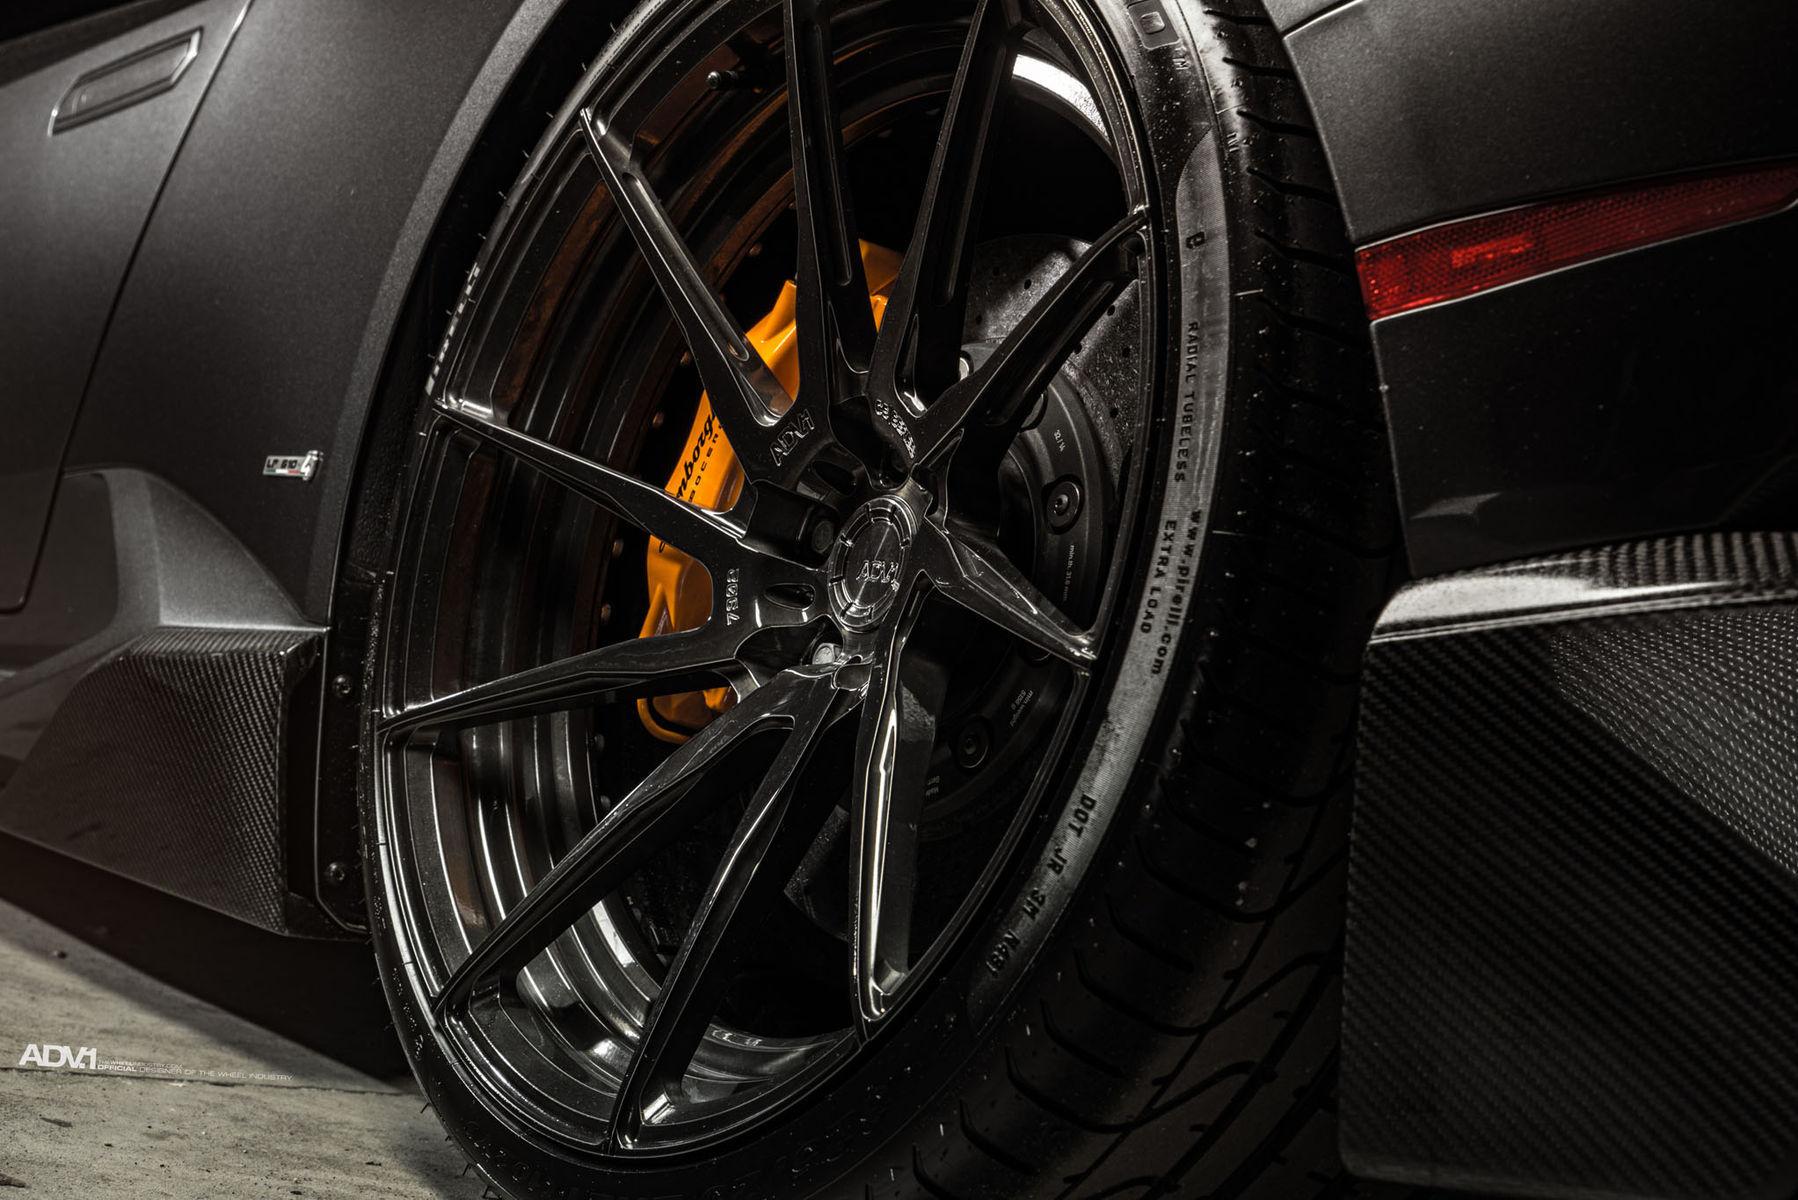 Lamborghini Huracan   ADV.1 Wheels Lamborghini Huracan LP610-4